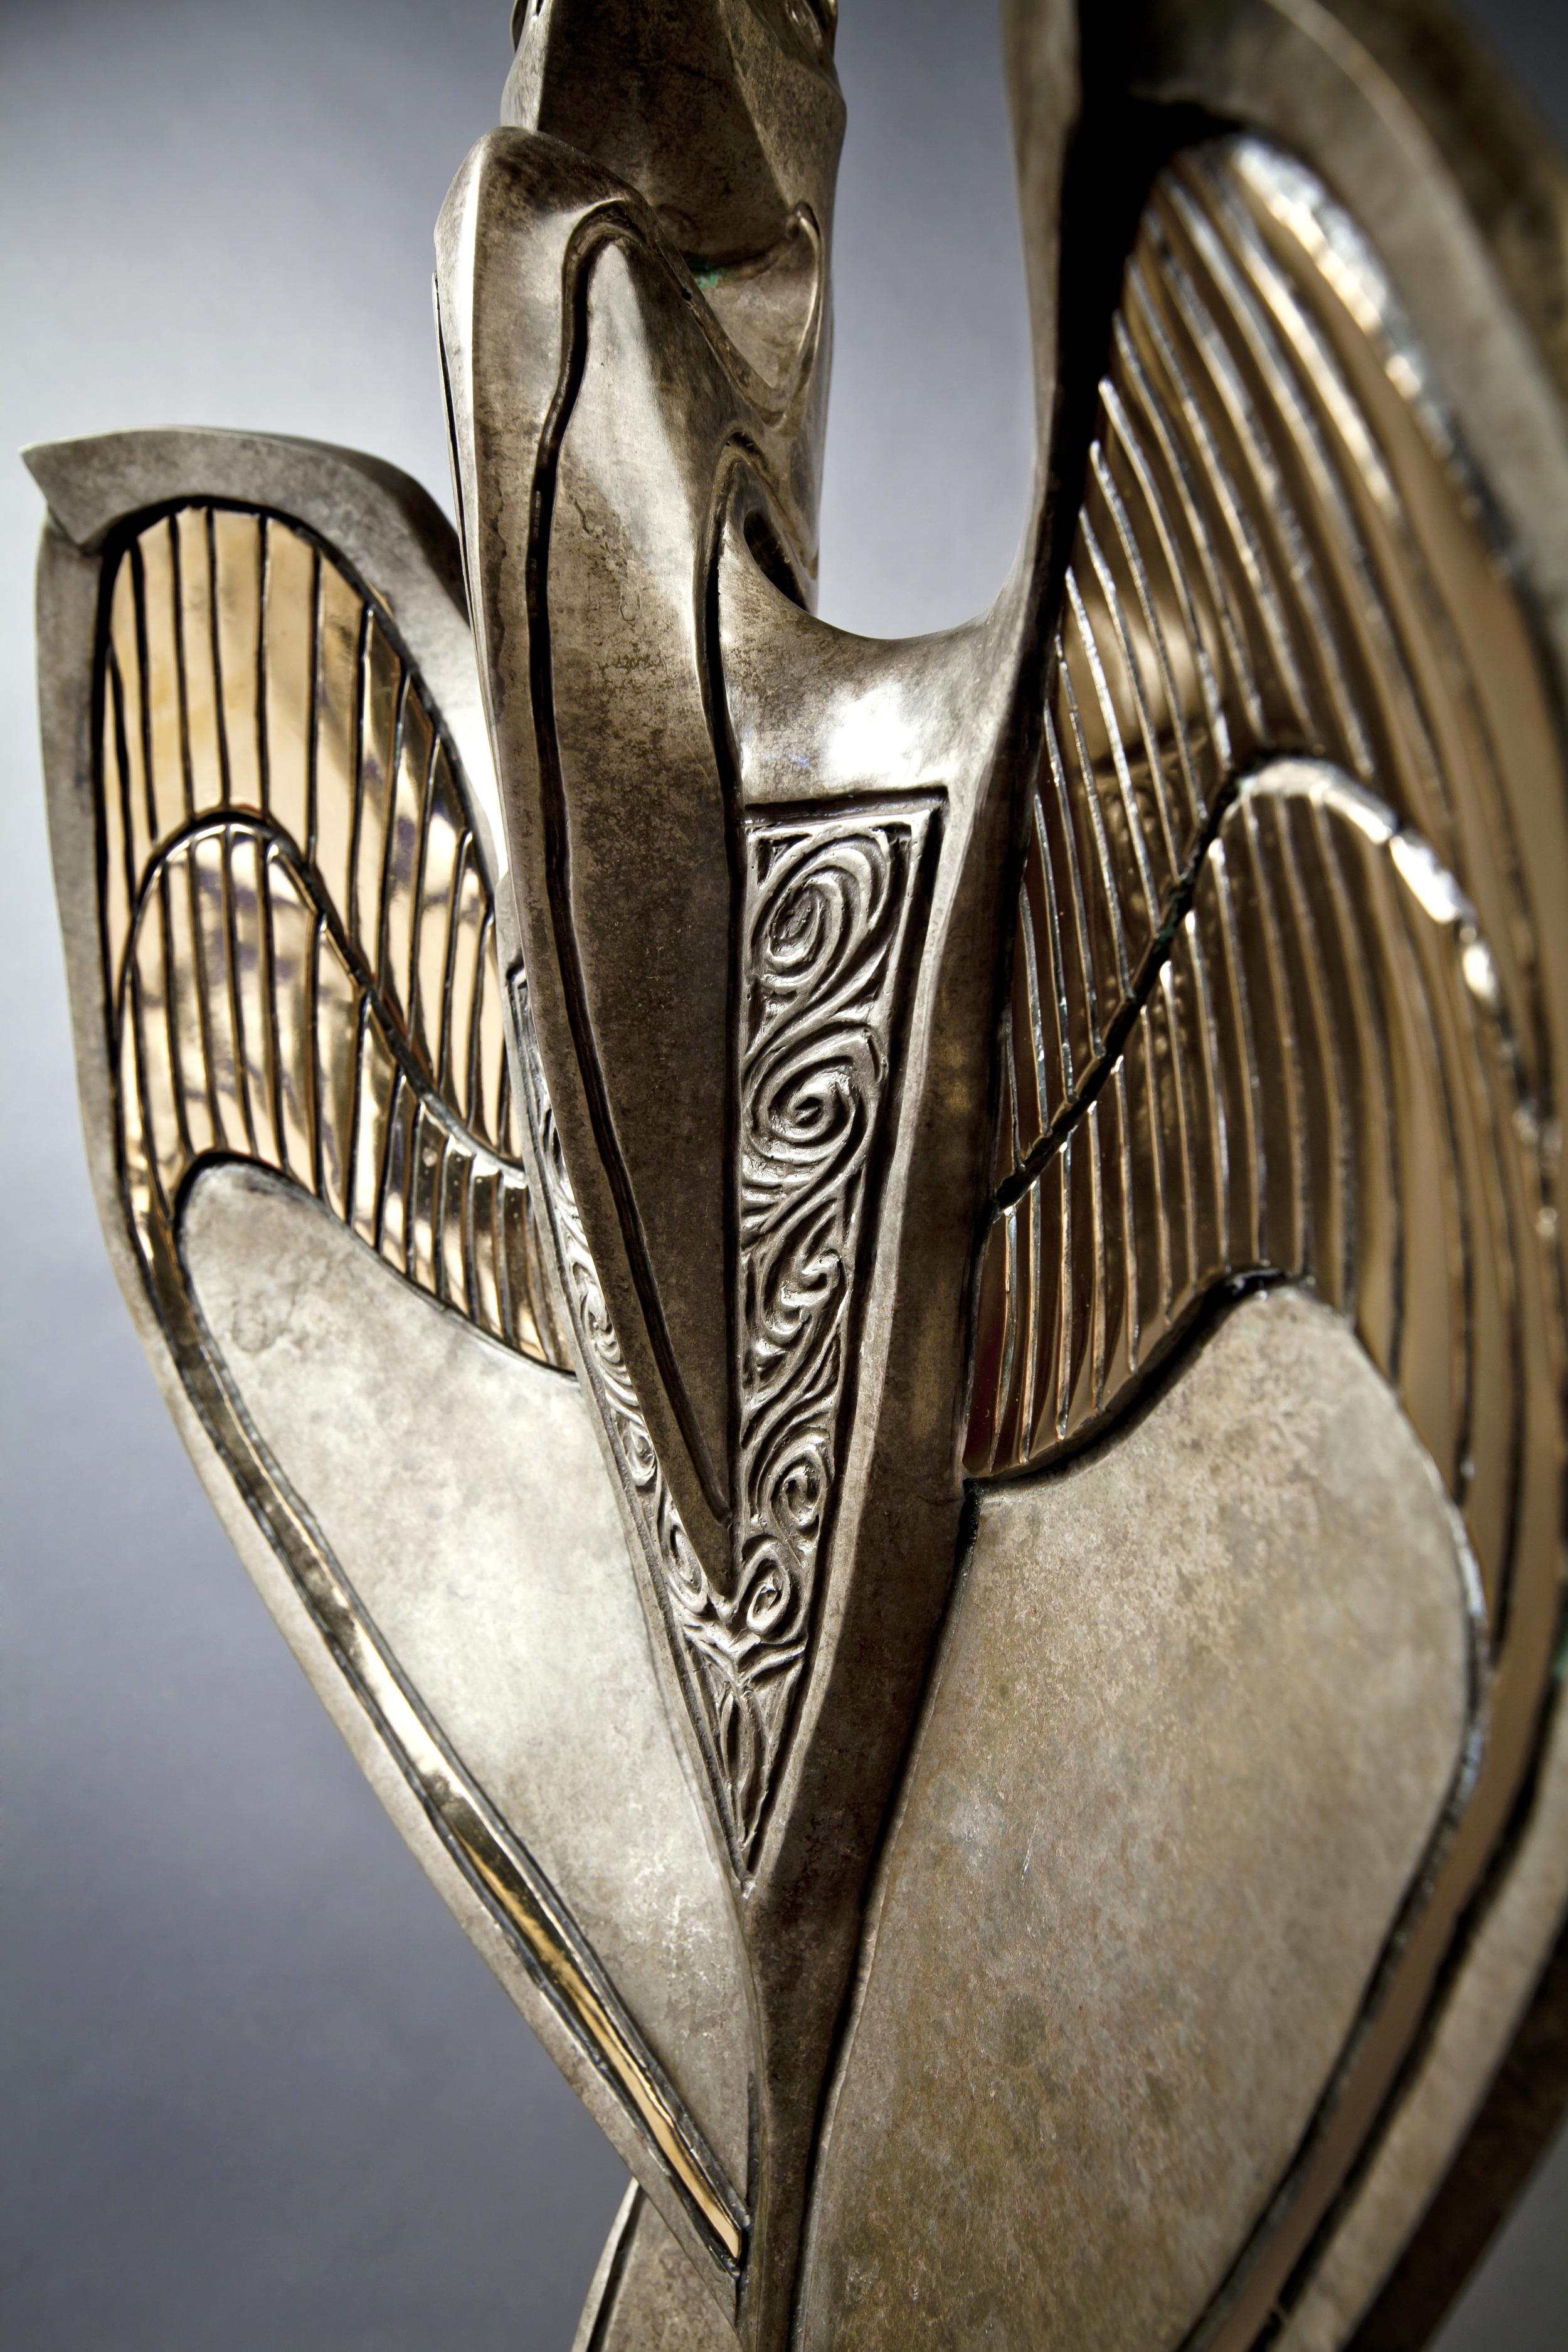 Bronze-Heron-by-John-Maisano-7.jpg